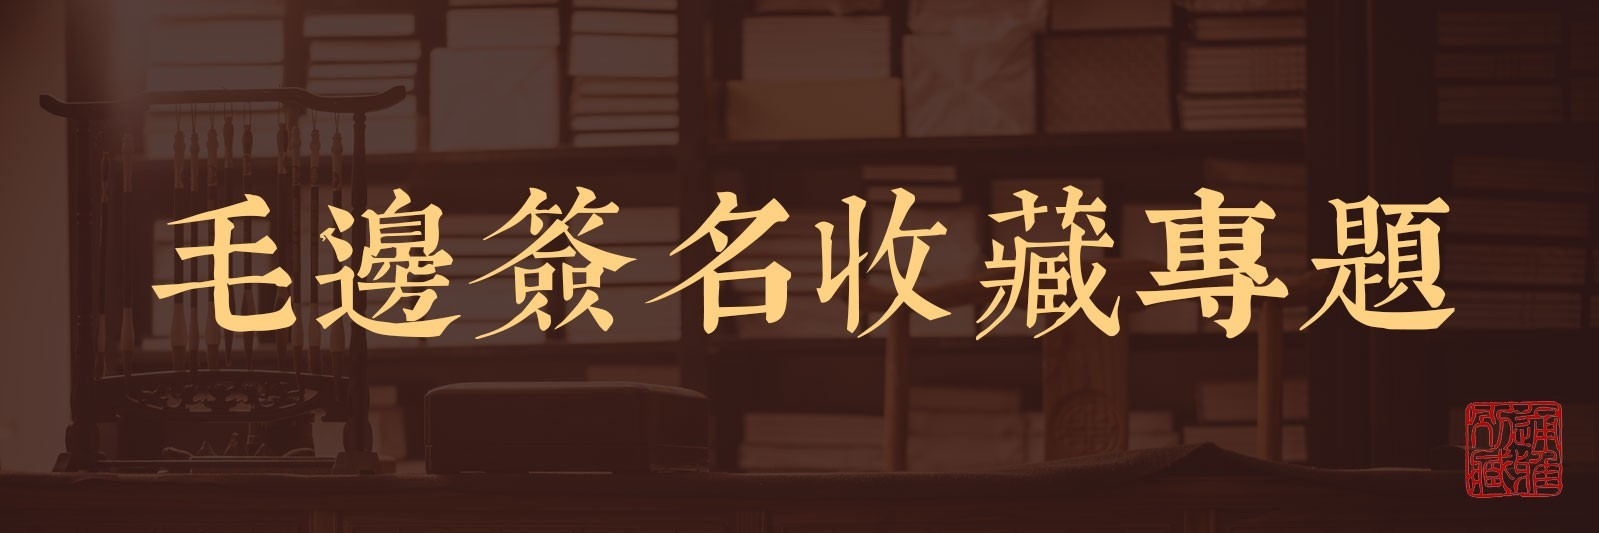 http://shop.kongfz.com/3669/special/73458/